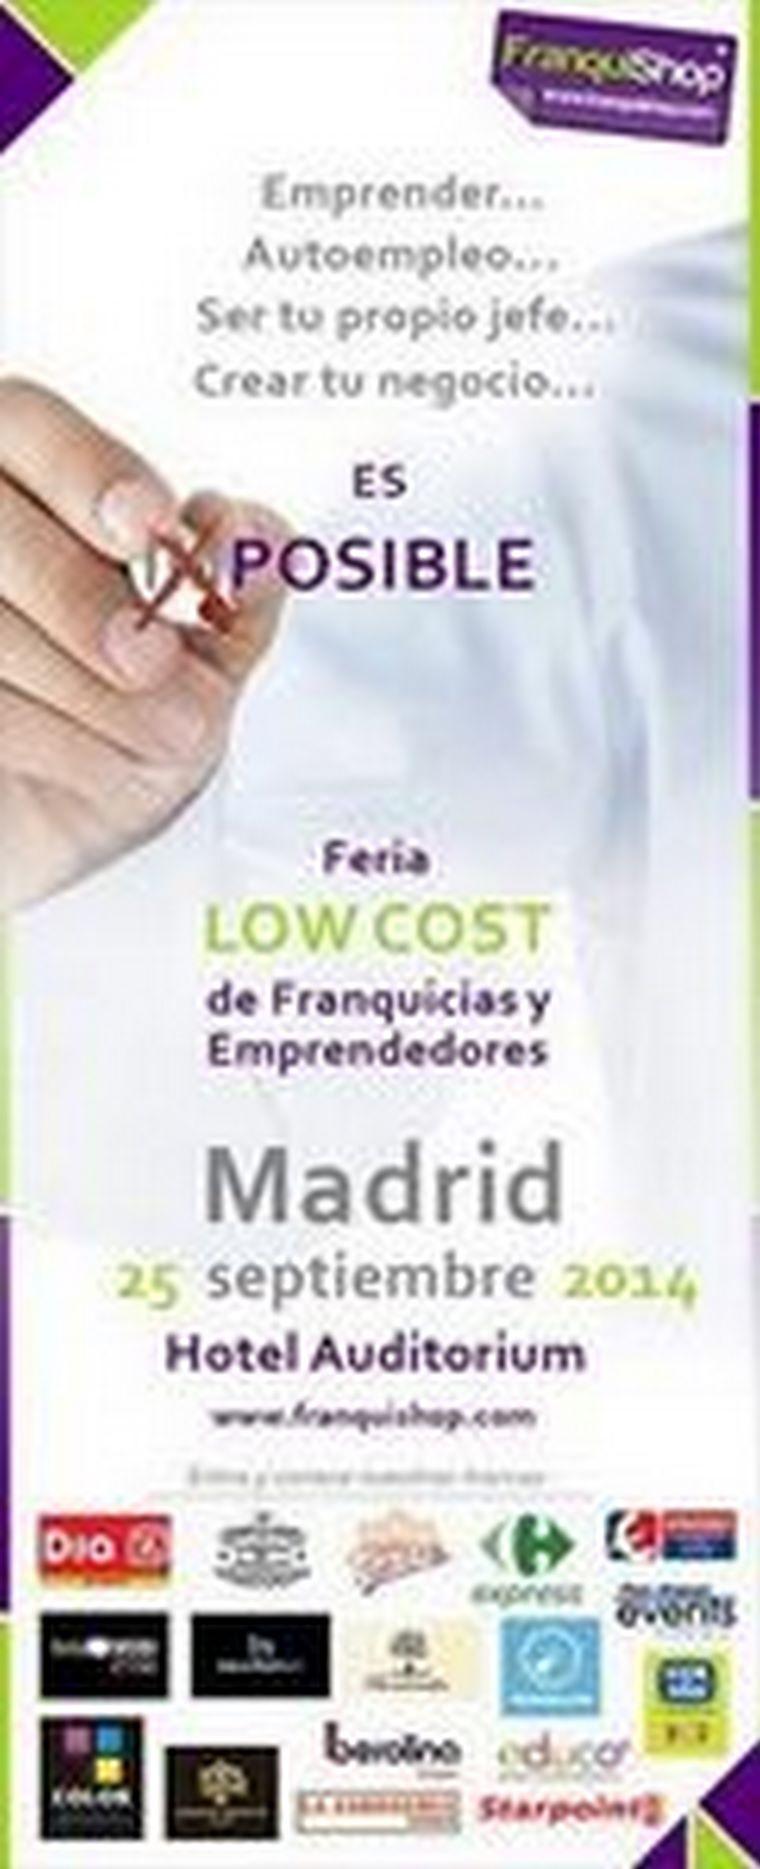 FRANQUISHOP MADRID:Nueva apuesta por la franquicia.